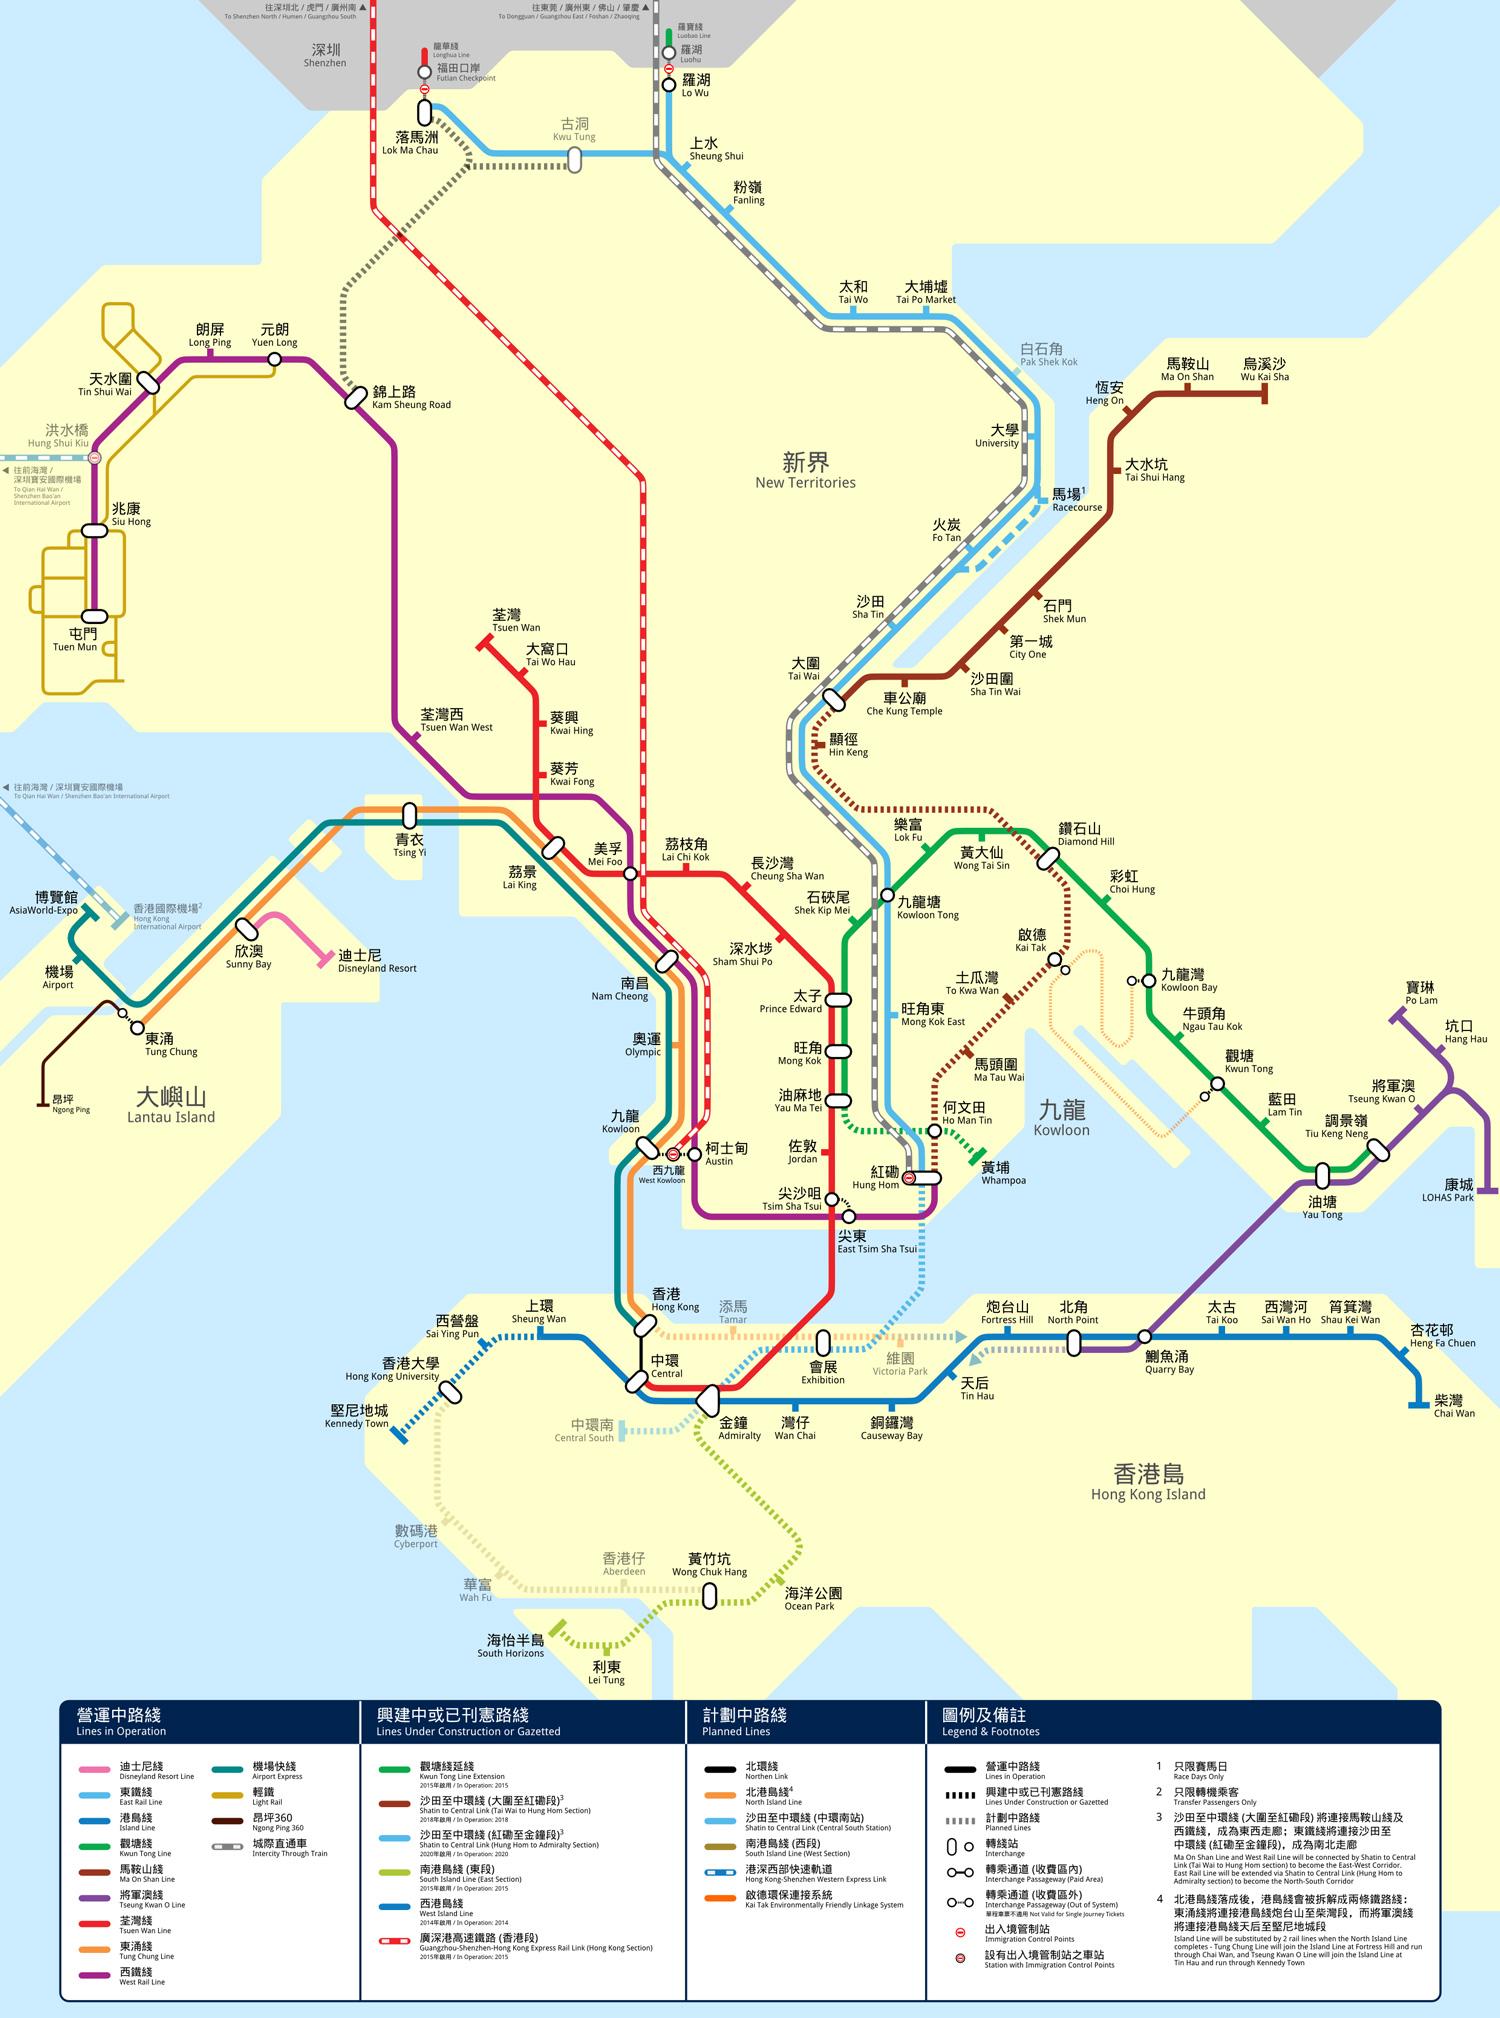 香港地铁路线图 南京地铁三号线路线图 上海地铁一号线路线图